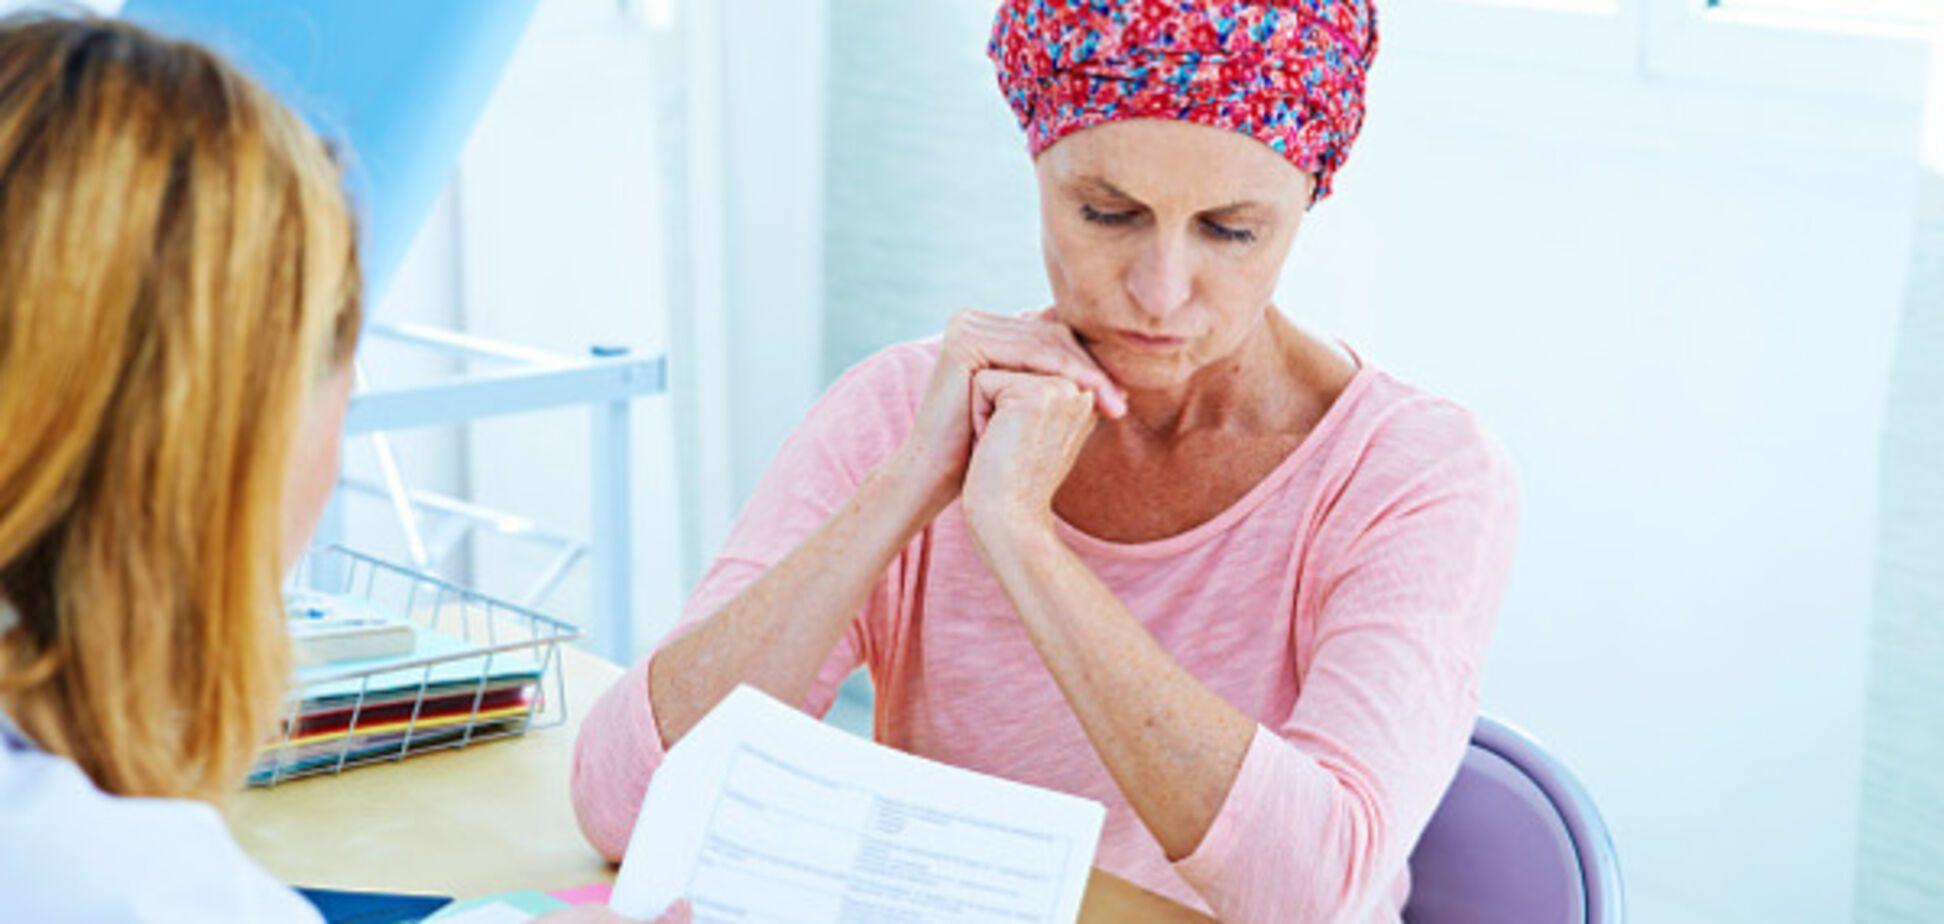 Шість найбільш смертоносних видів раку: лікарі назвали тривалість життя